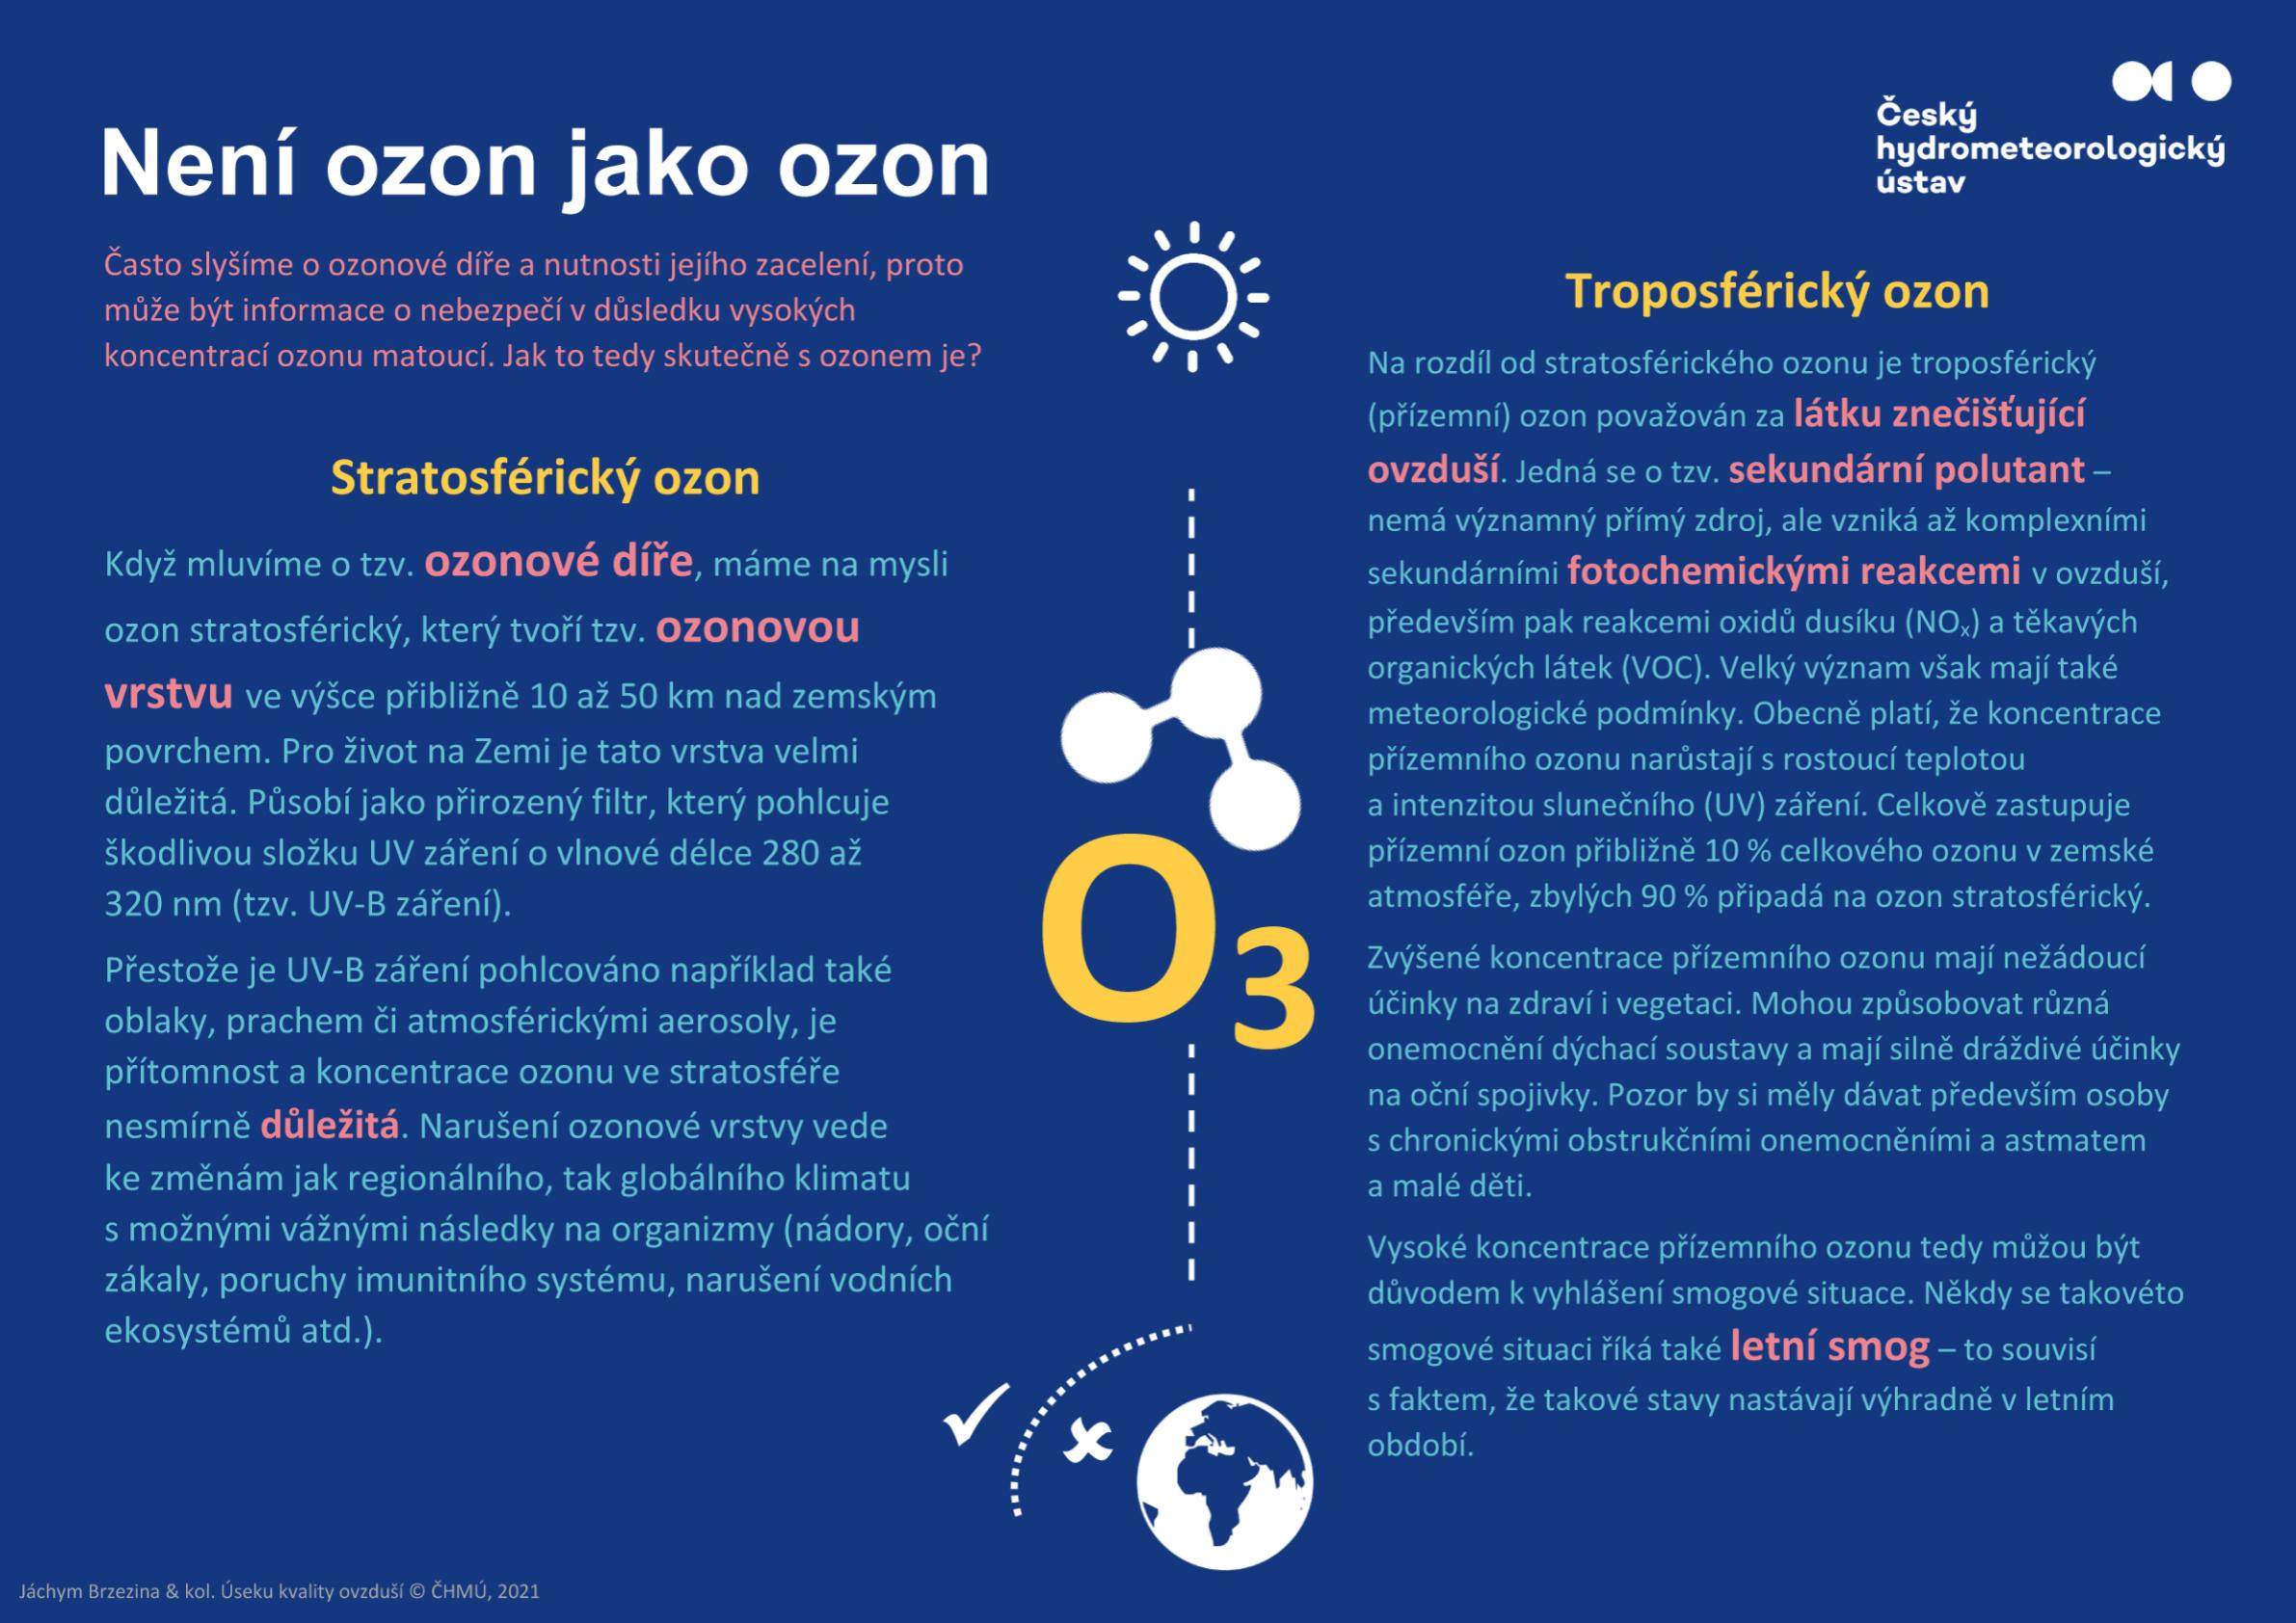 Přízemní ozon*